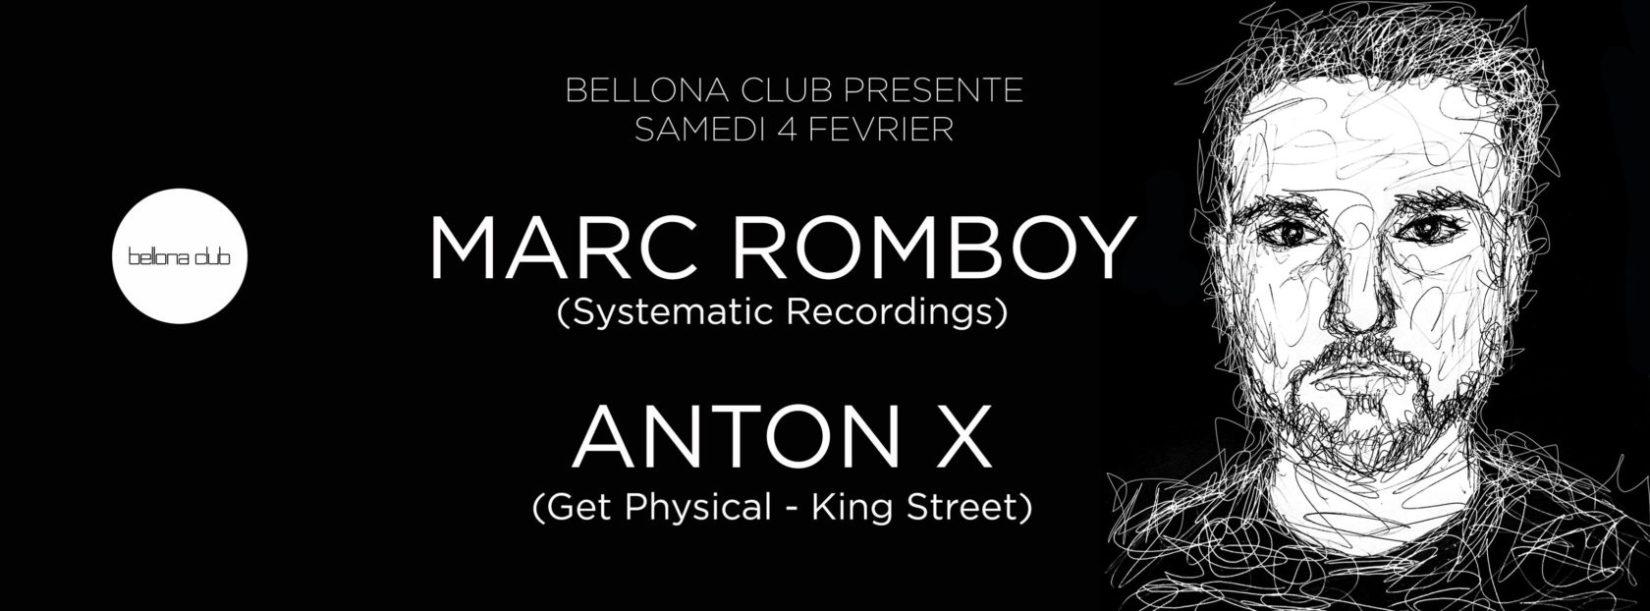 Bellona Club présente Marc Romboy Anton X